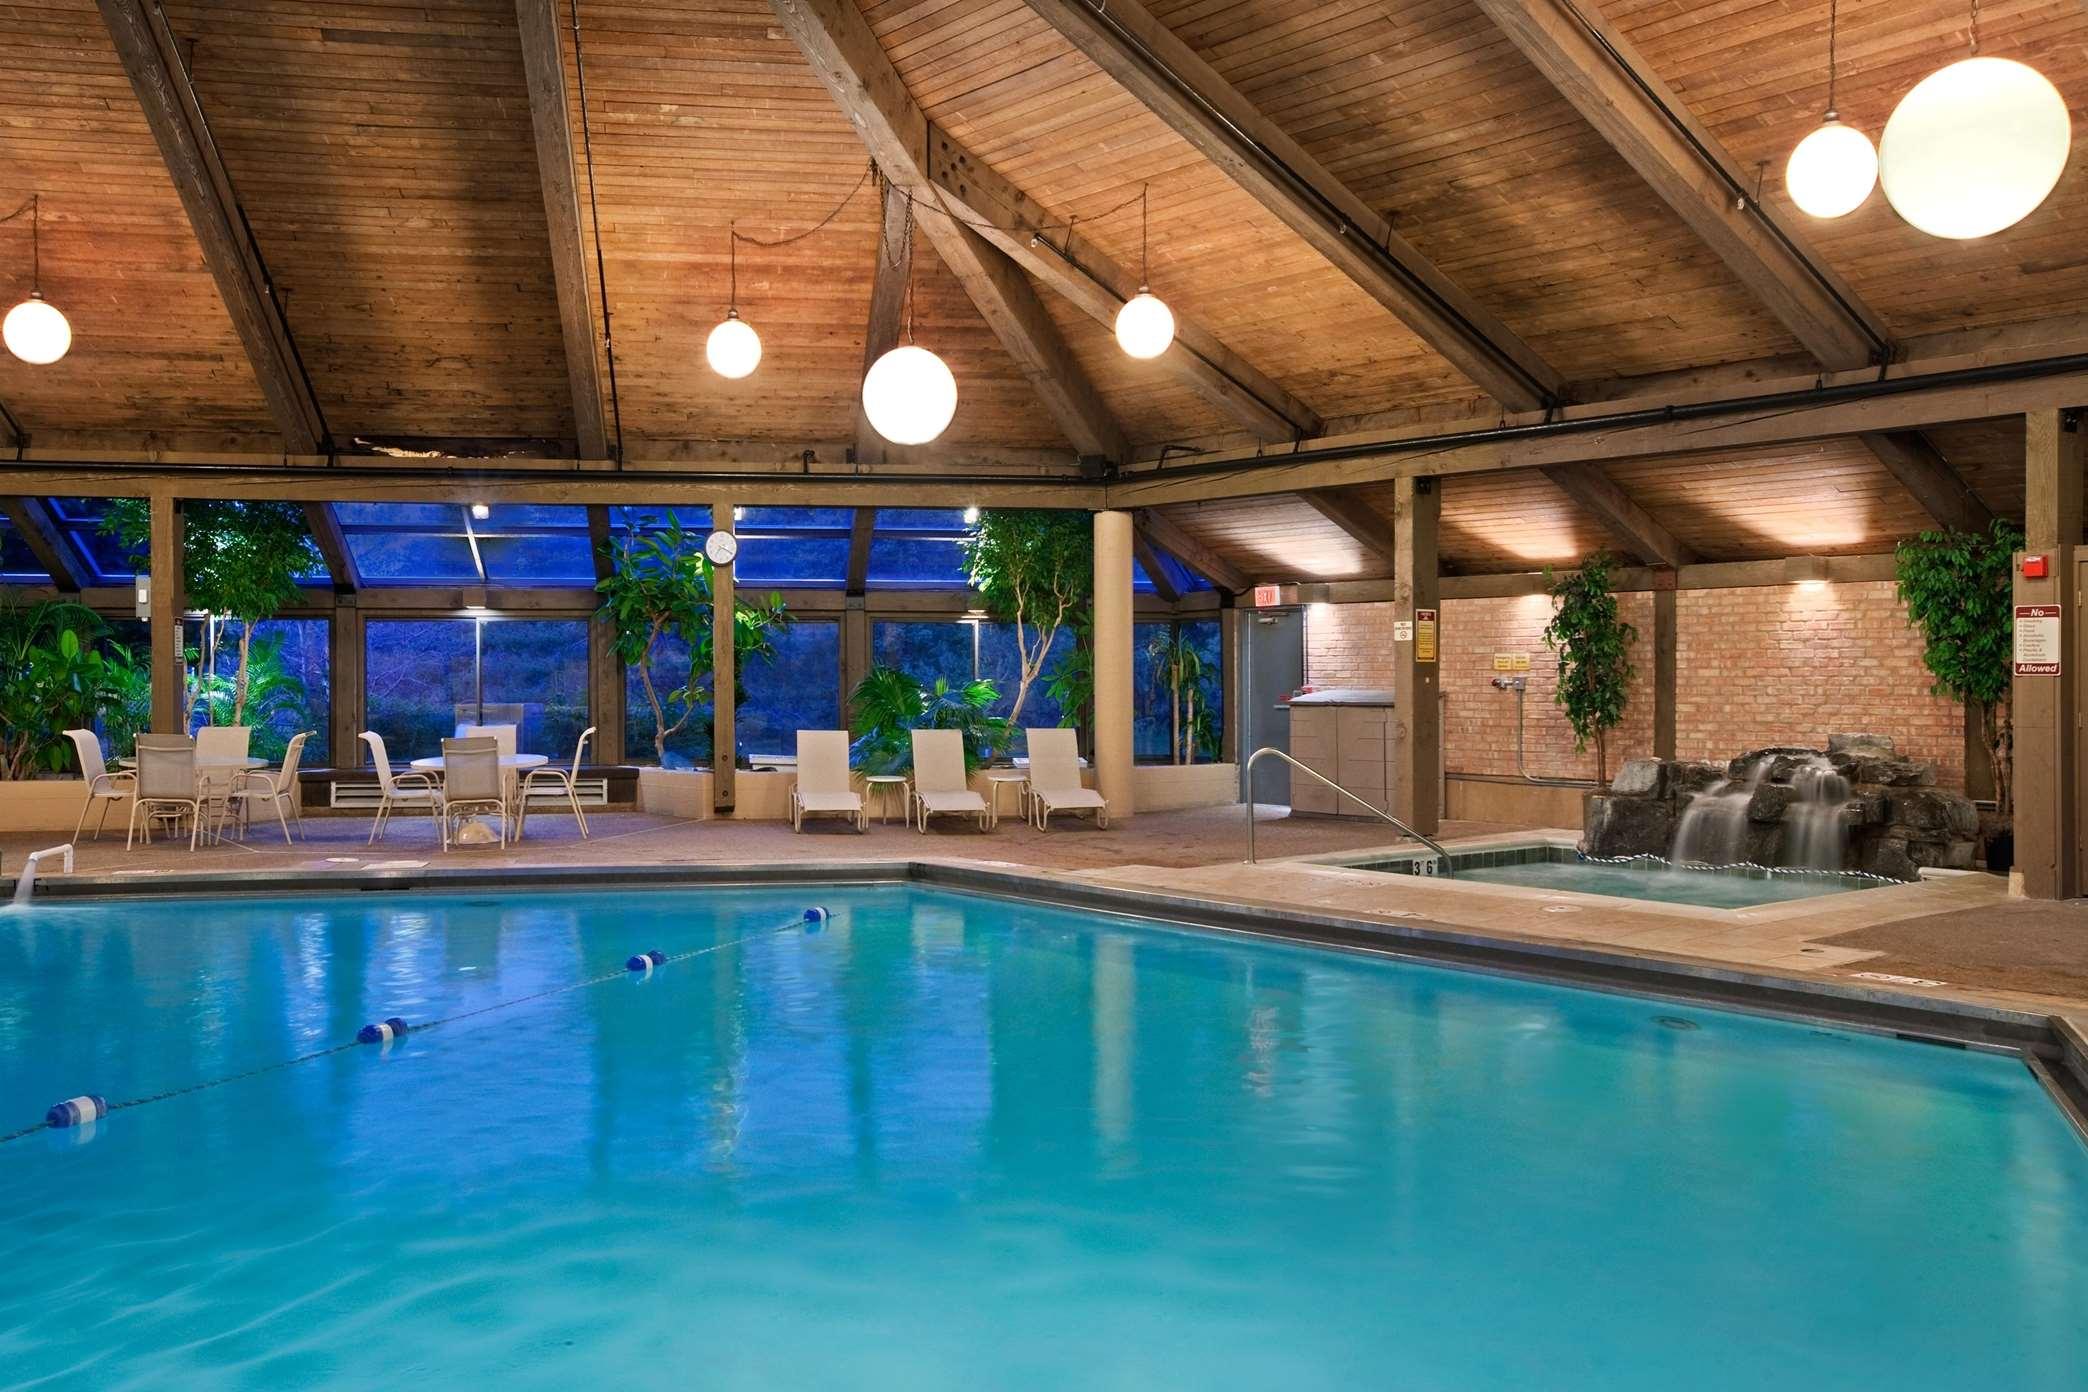 Hilton Chicago Indian Lakes image 10